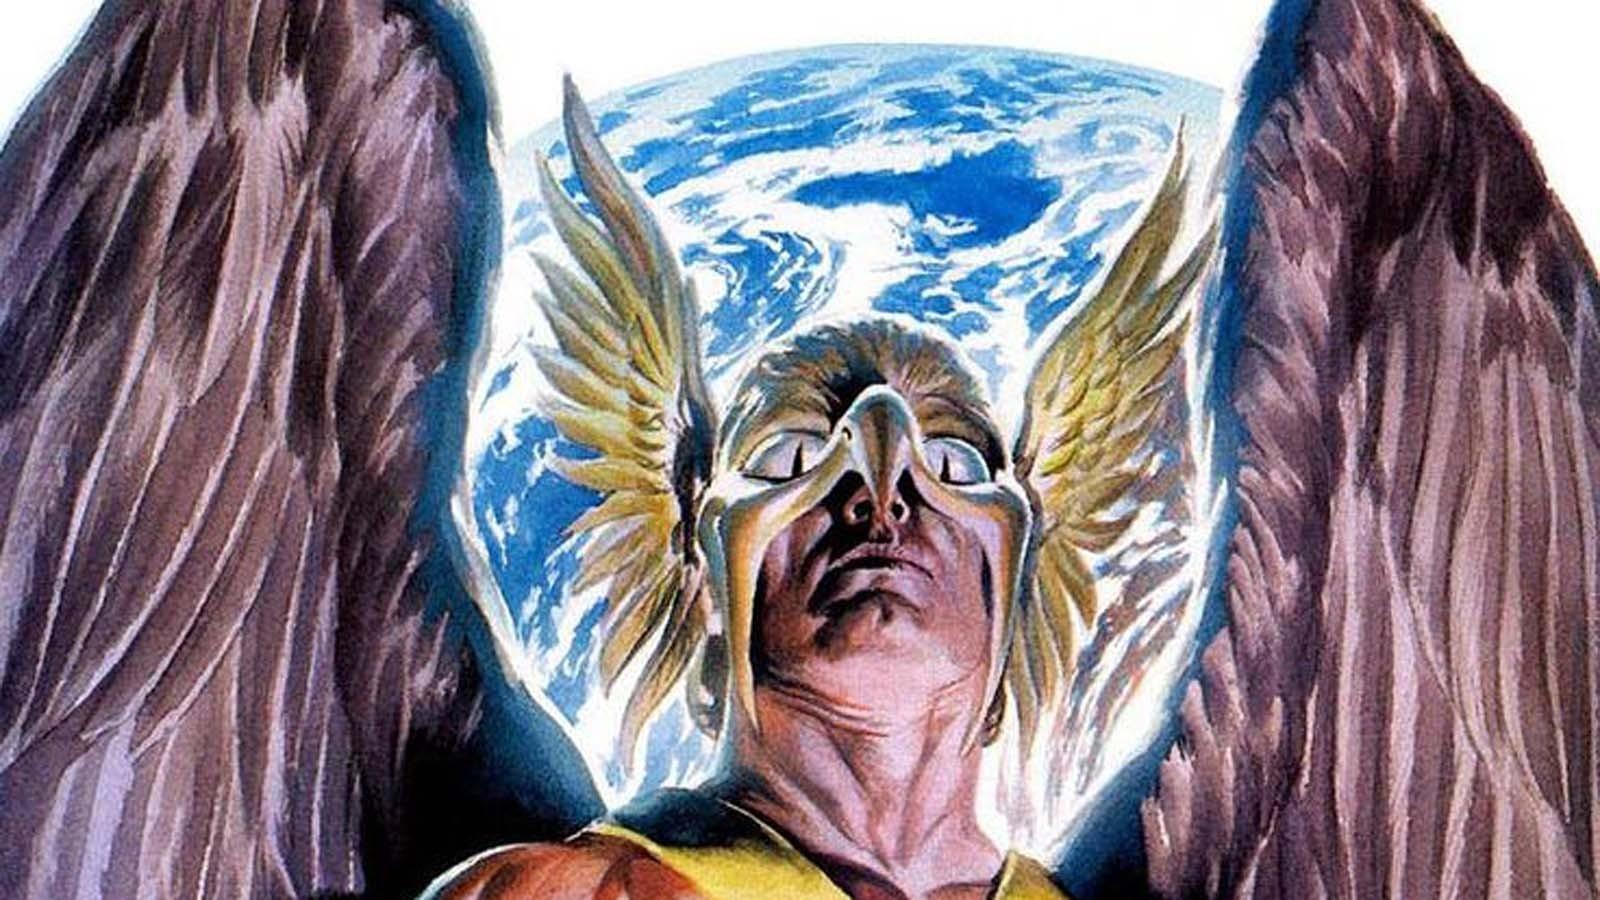 Alex Ross Hawkman Hawkman cast in...